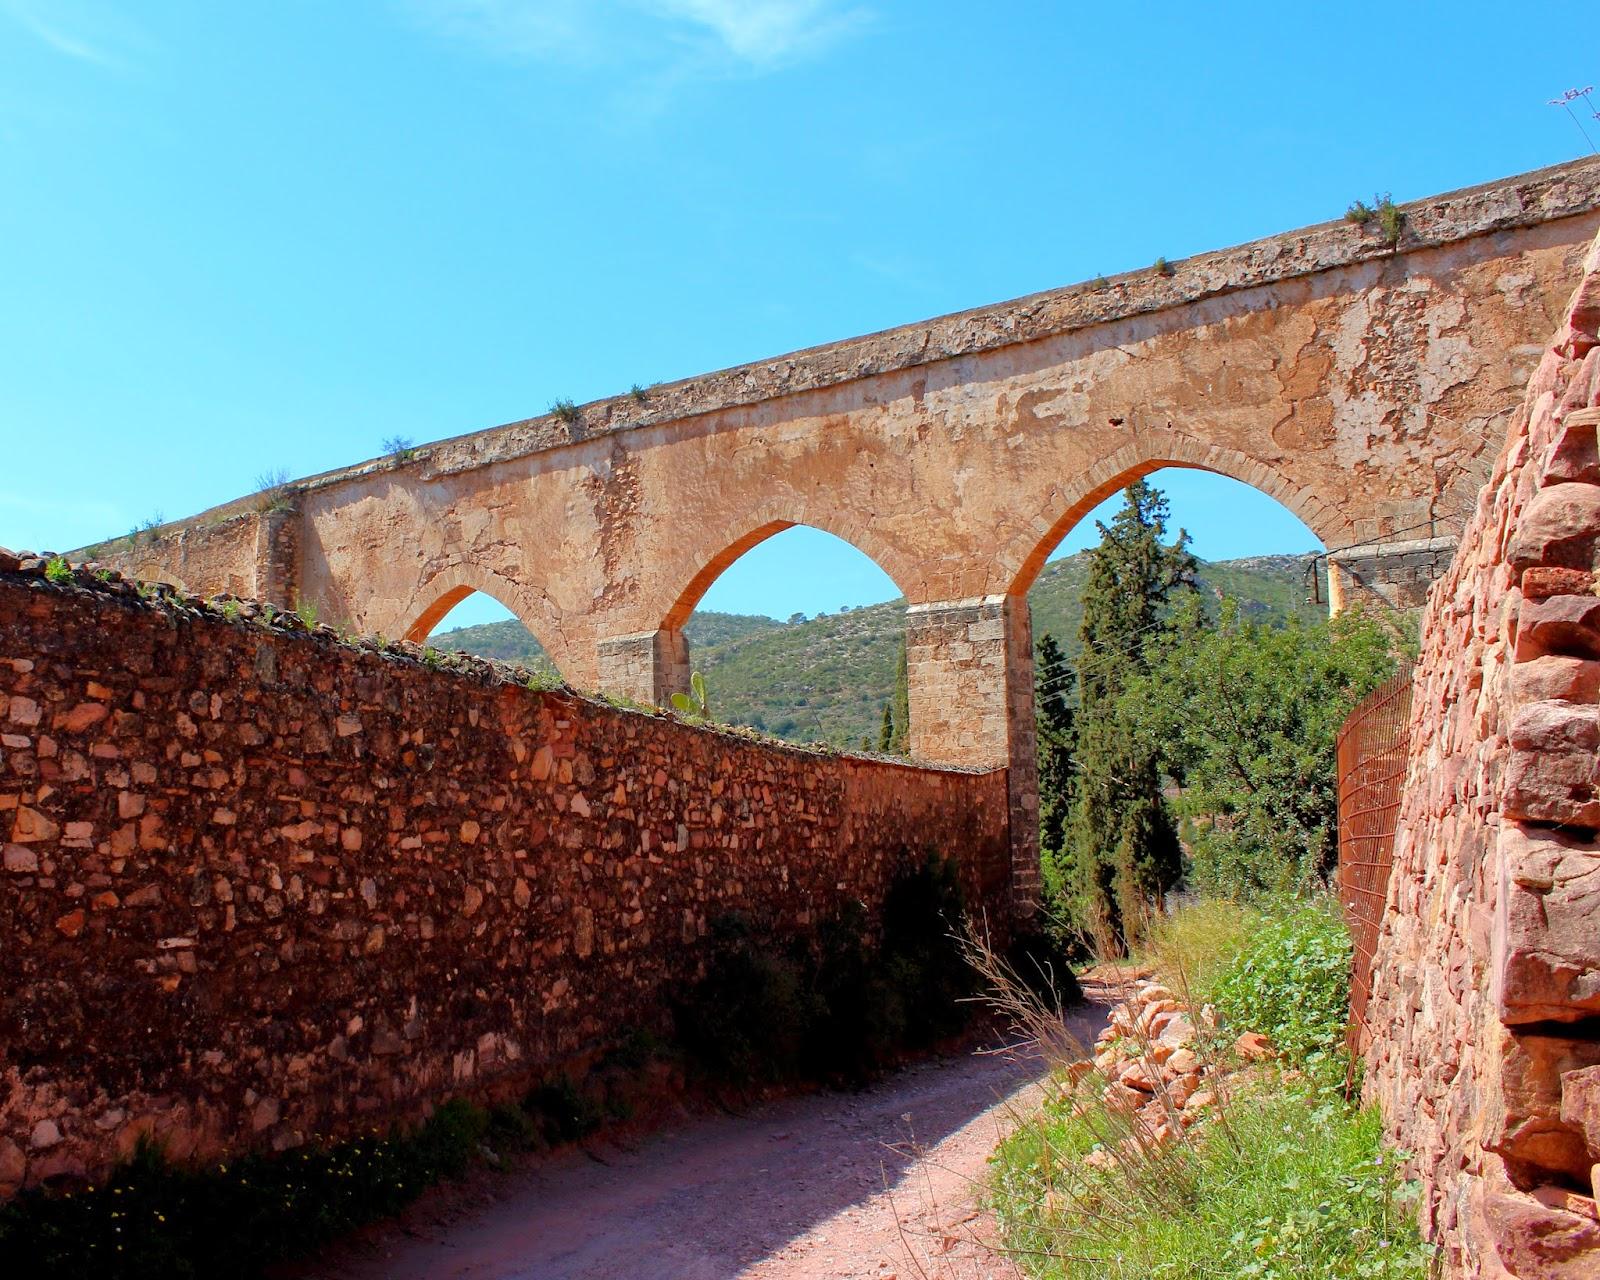 Acueducto de Porta Coeli-Sierra Calderona